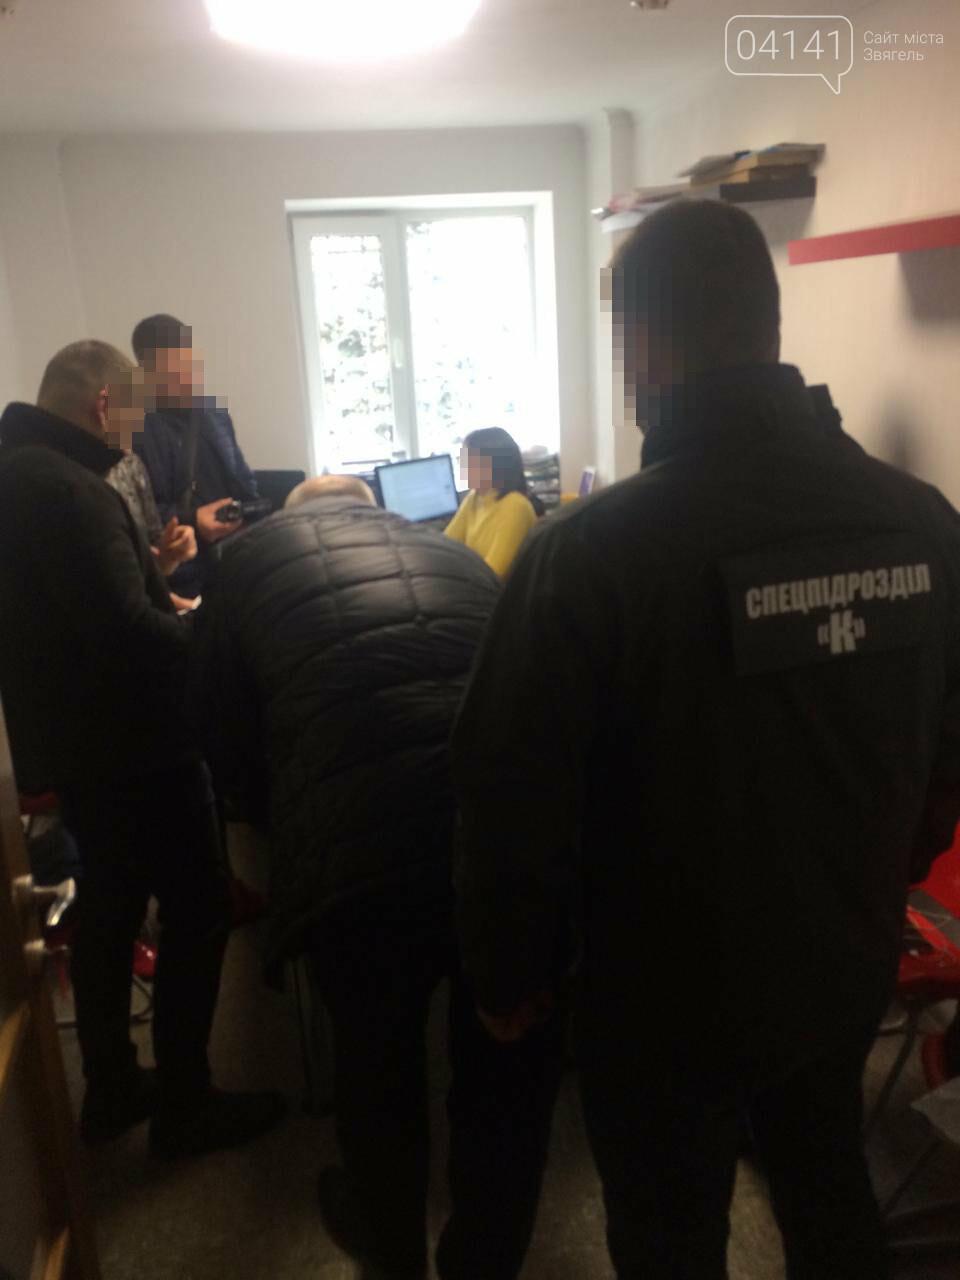 СБУ викрила на хабарі у вісімдесят тисяч гривень посадовця на Житомирщині, фото-2